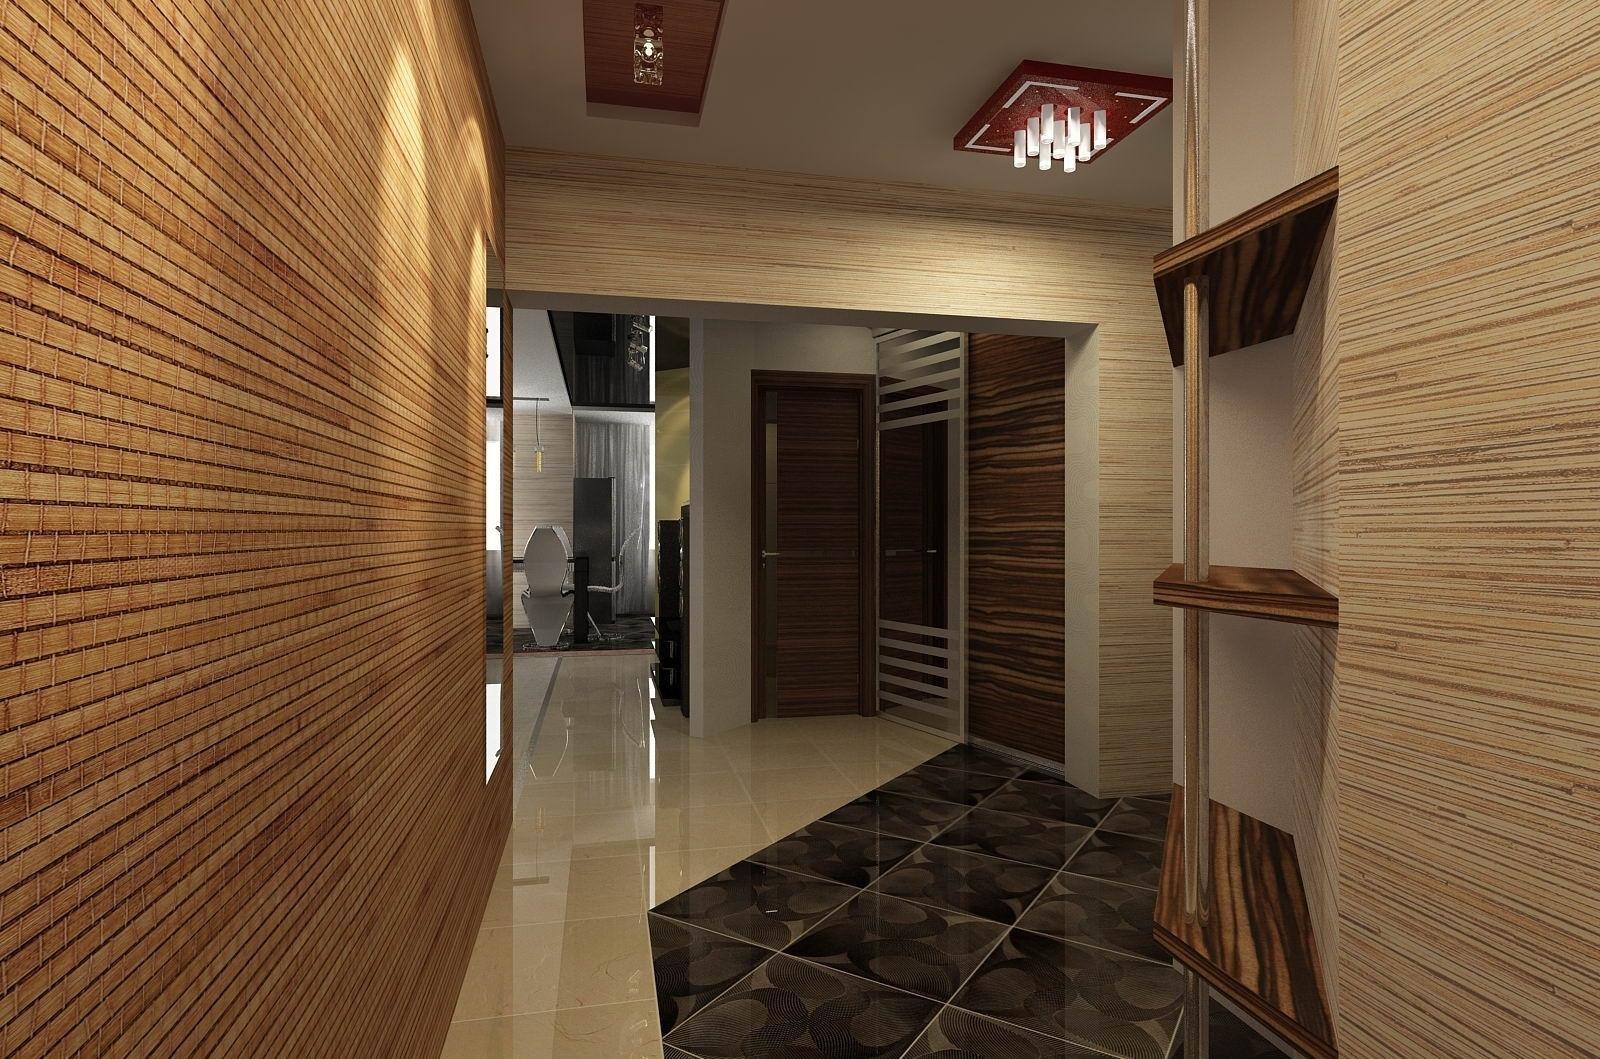 Интерьер квартиры с бамбуком. Компания Бабич.